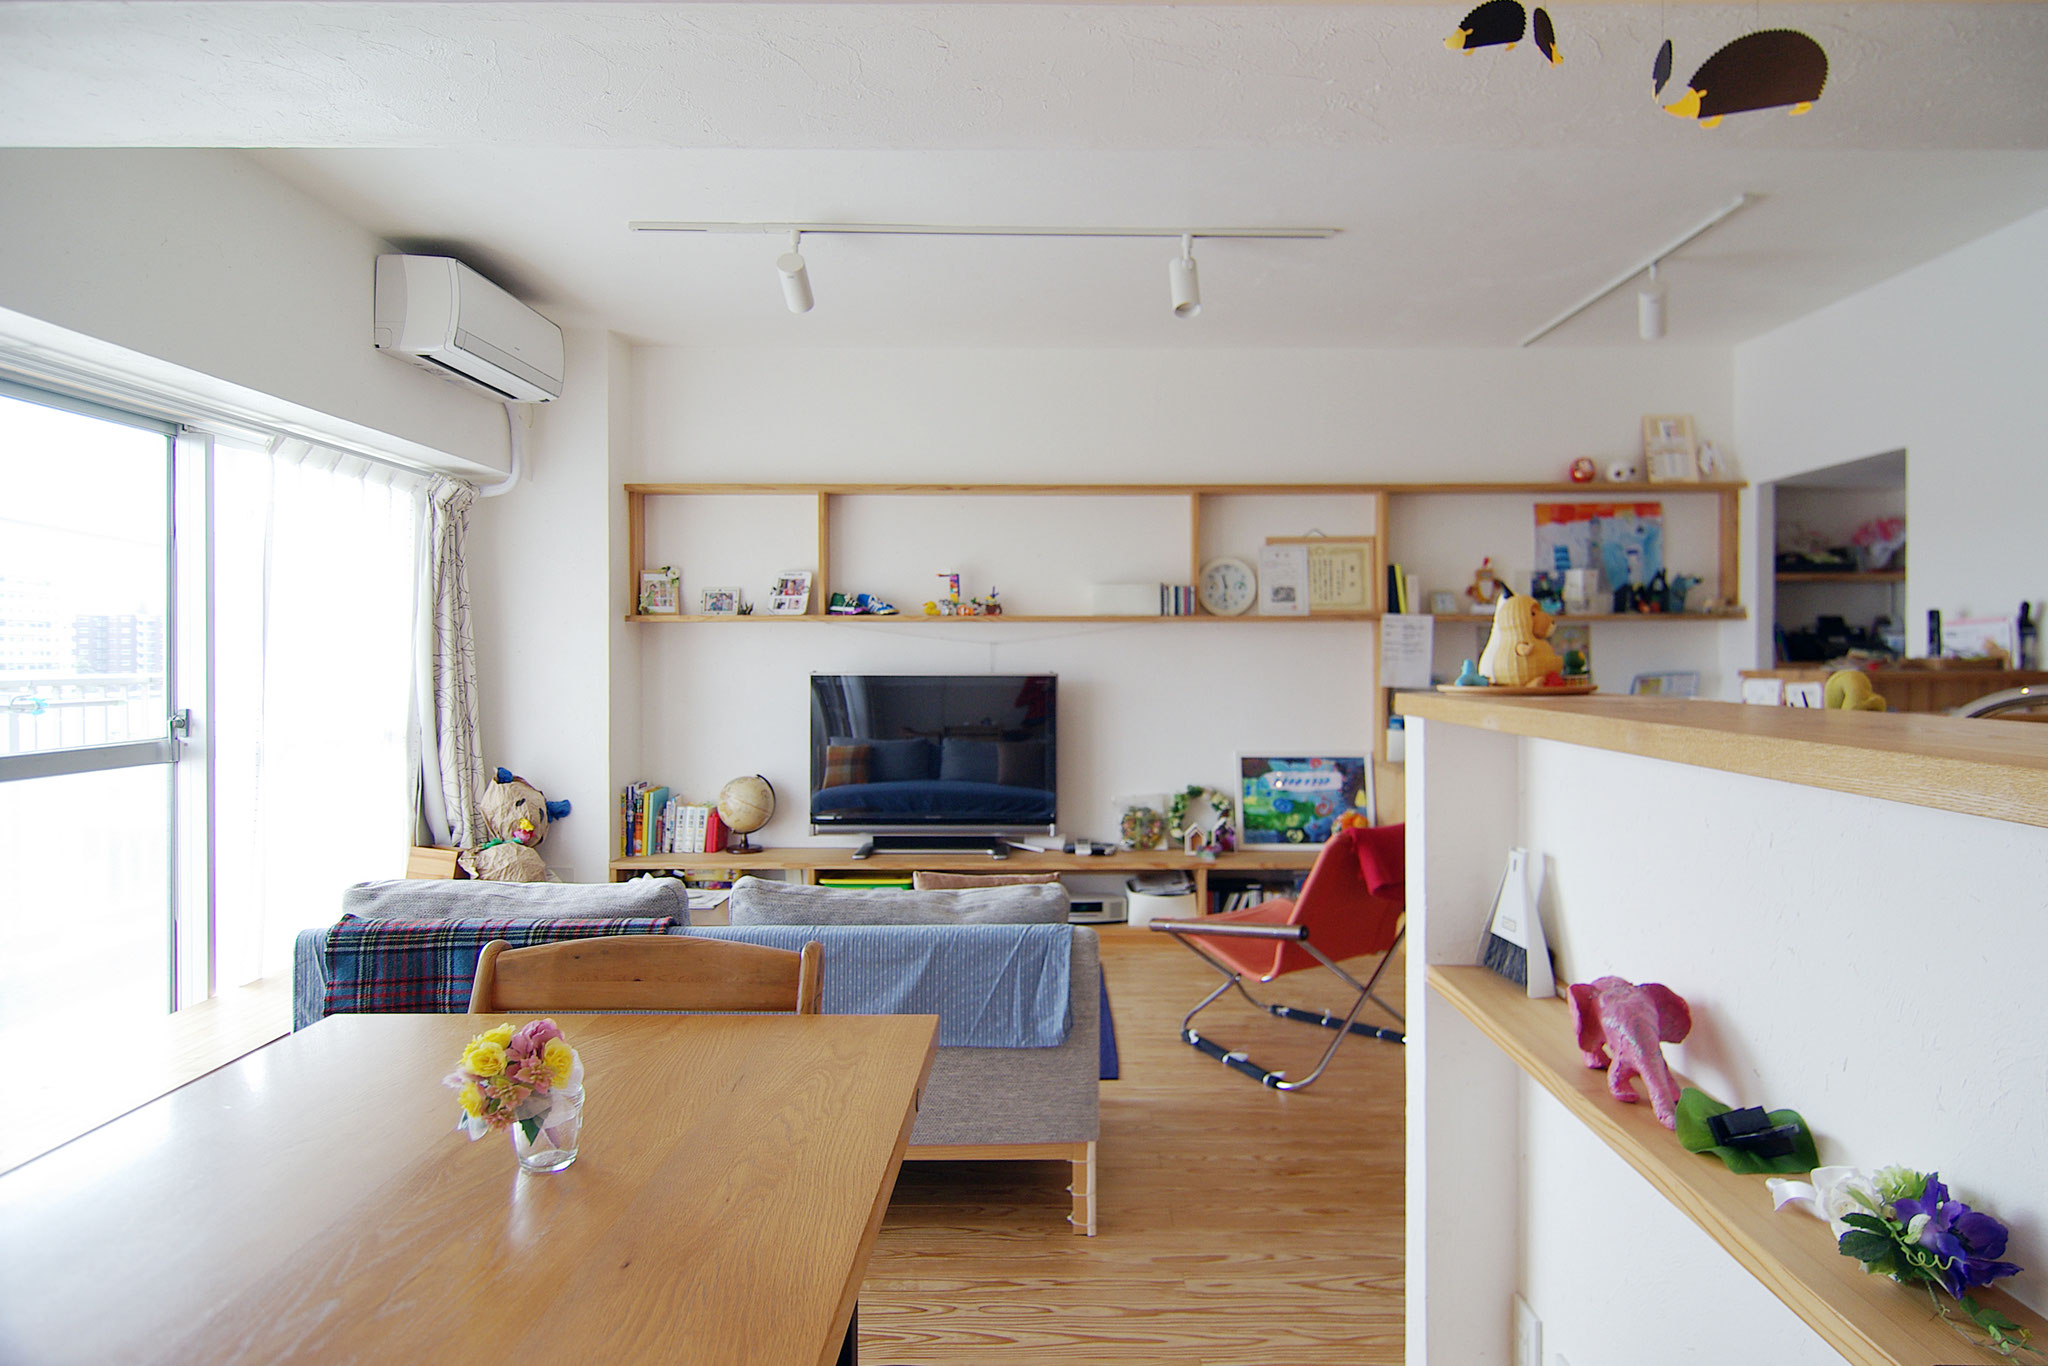 壁・天井は色漆喰仕上げ(ワラスサ入り)、床は杉フローリング厚15㎜(遮音仕様置床に変更の上)